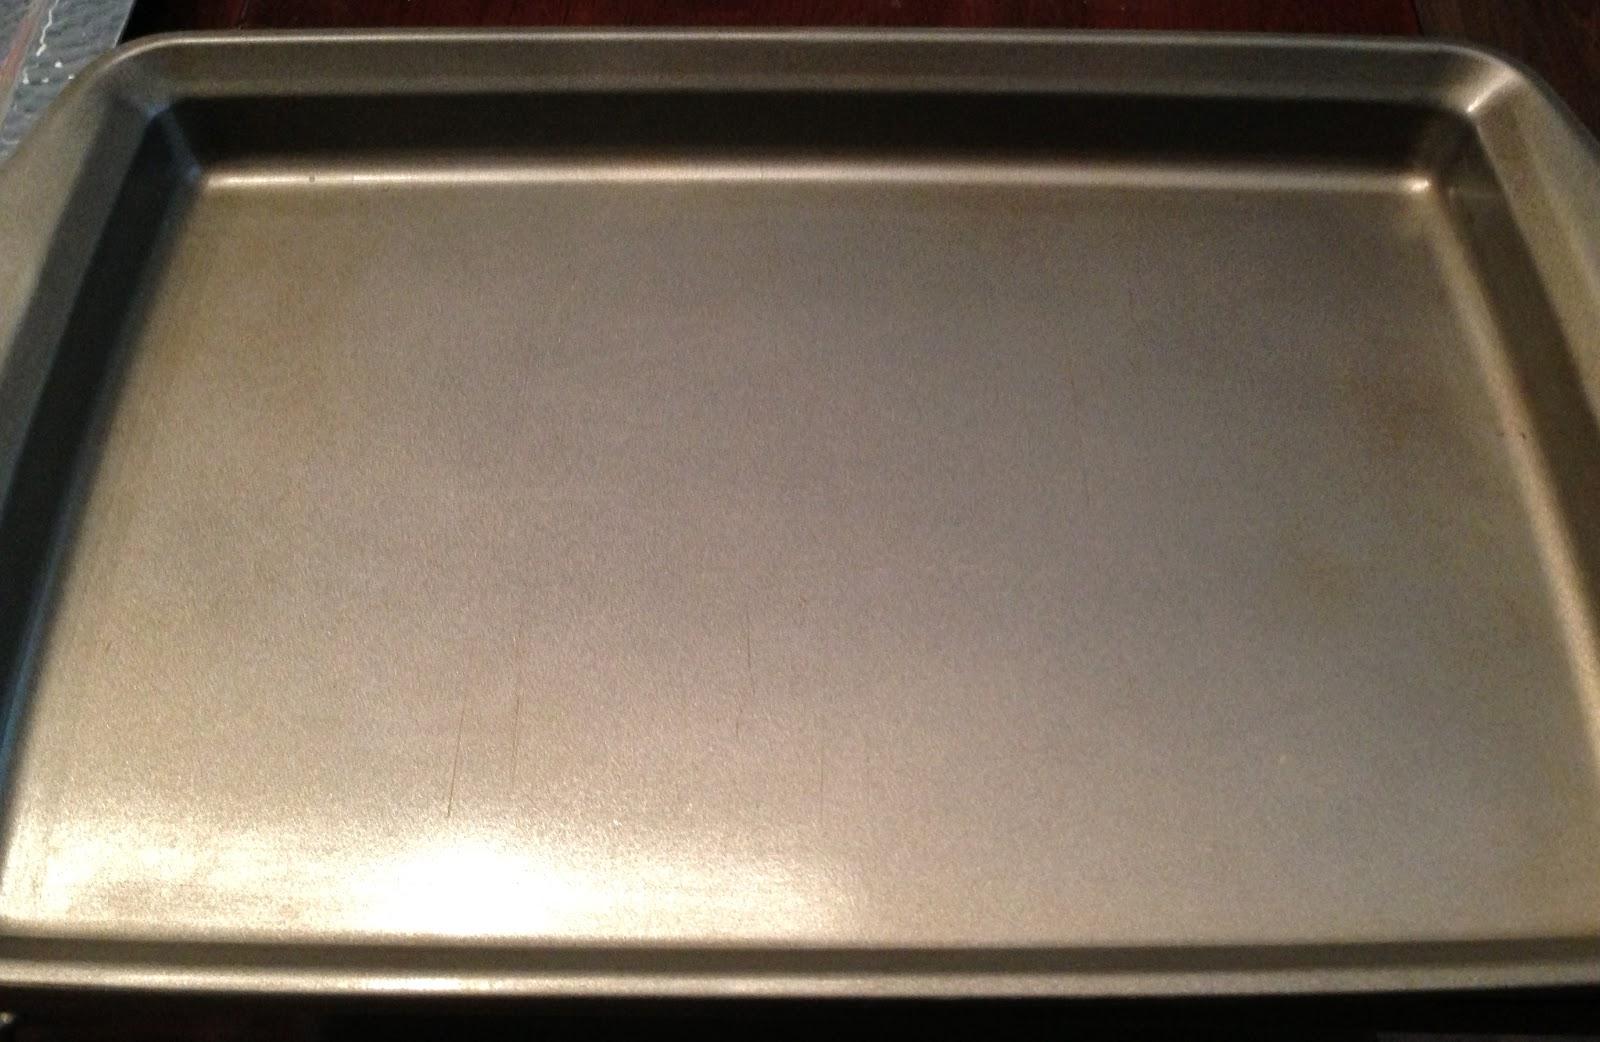 How To Clean Aluminum How To Clean Aluminum Baking Pans